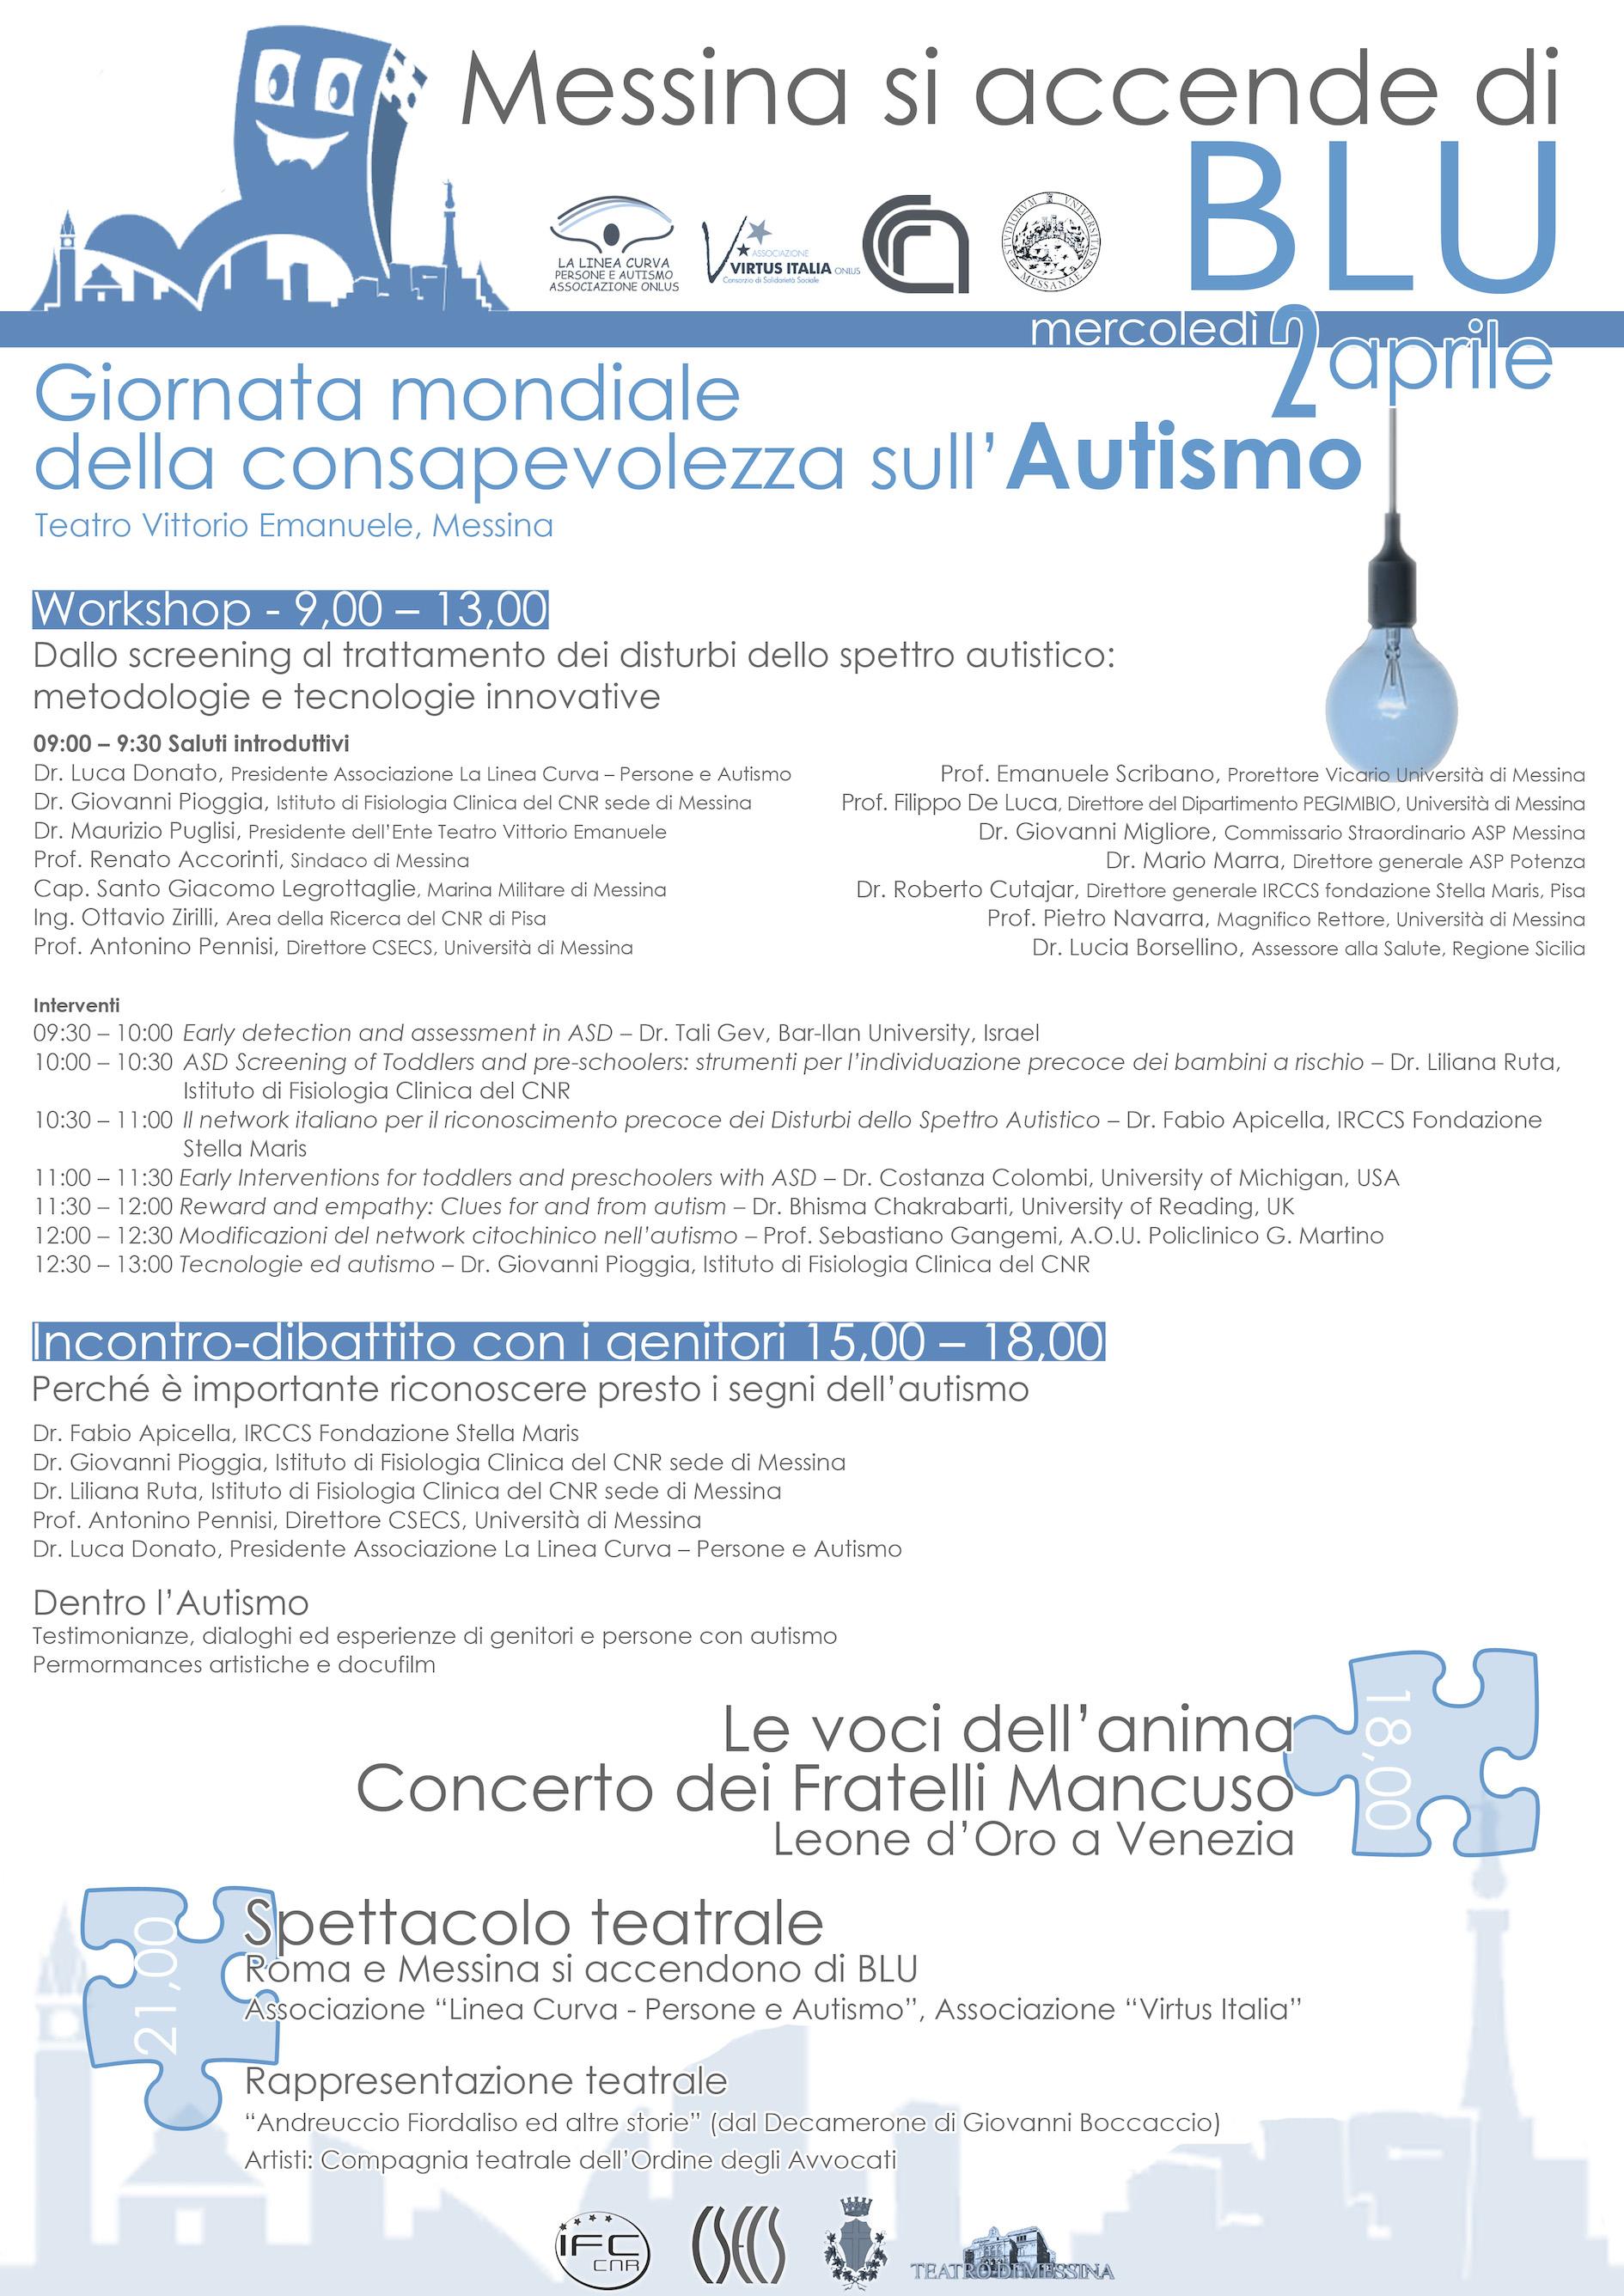 Locandina Messina Blu